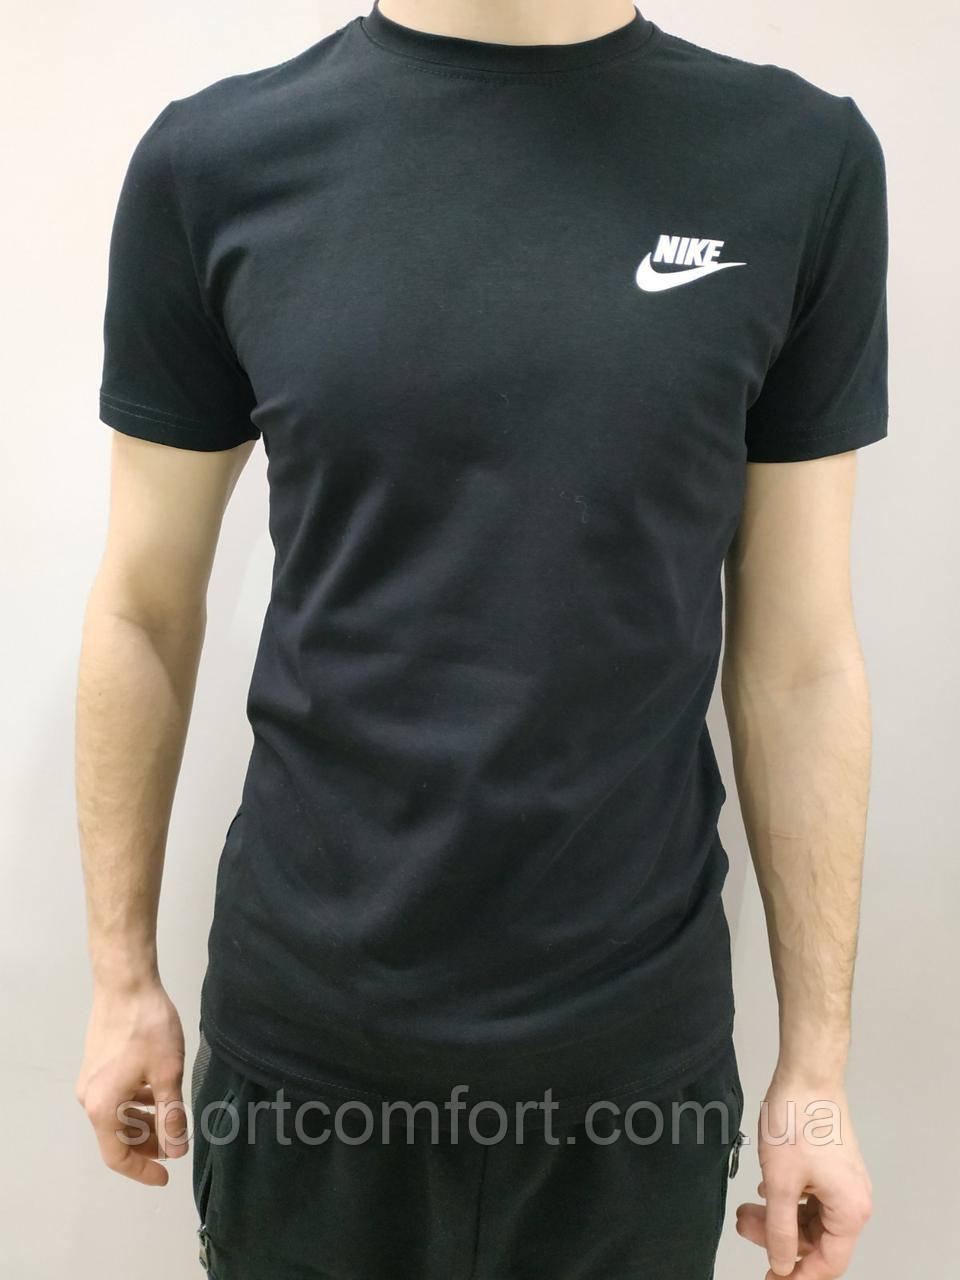 Футболка мужская Nike красная, черная